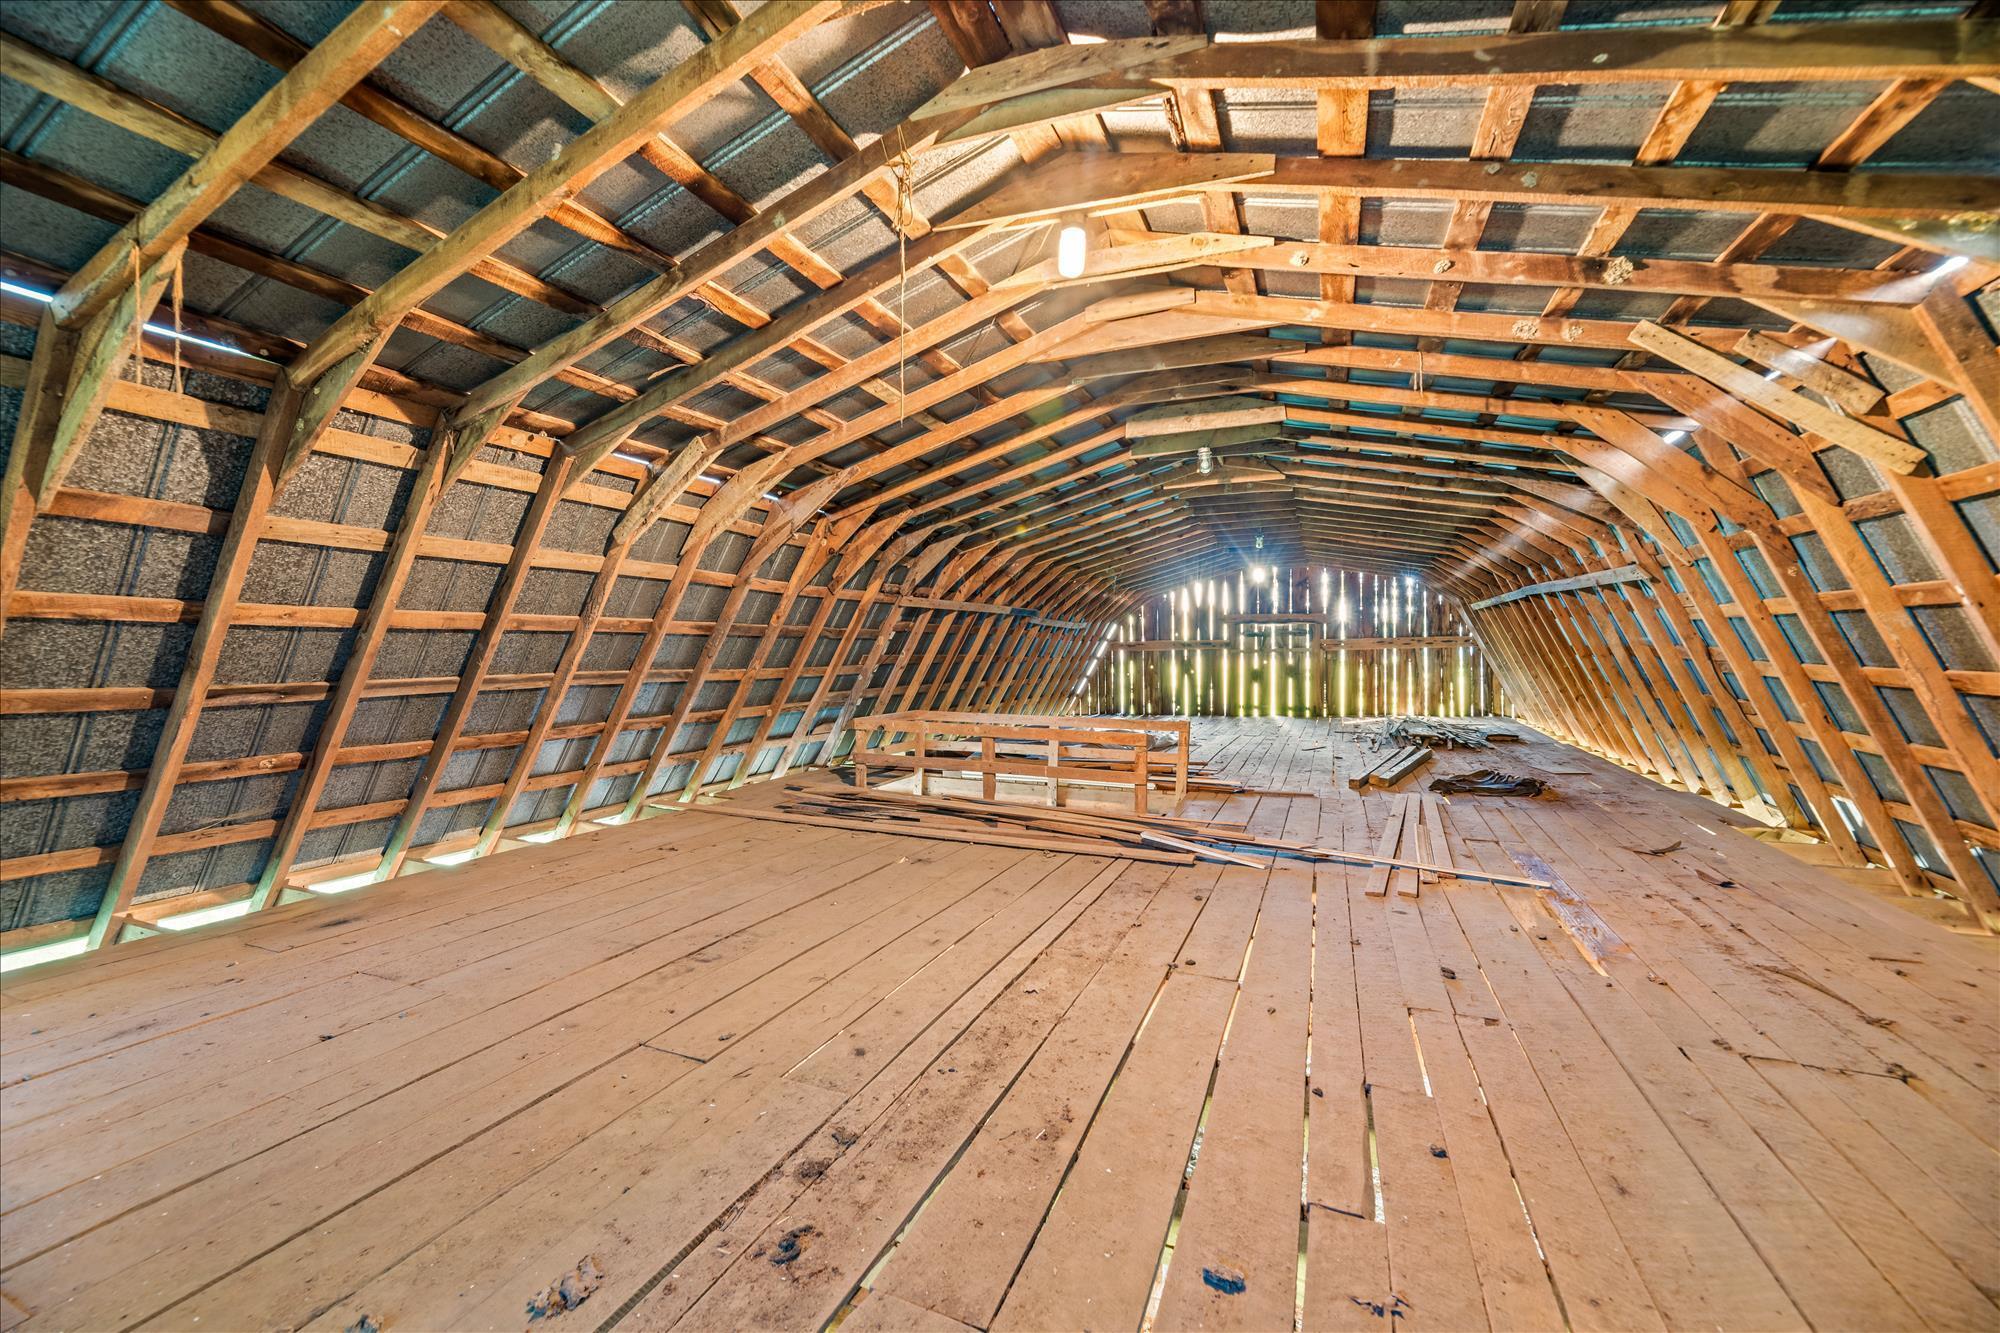 Barn-upper level